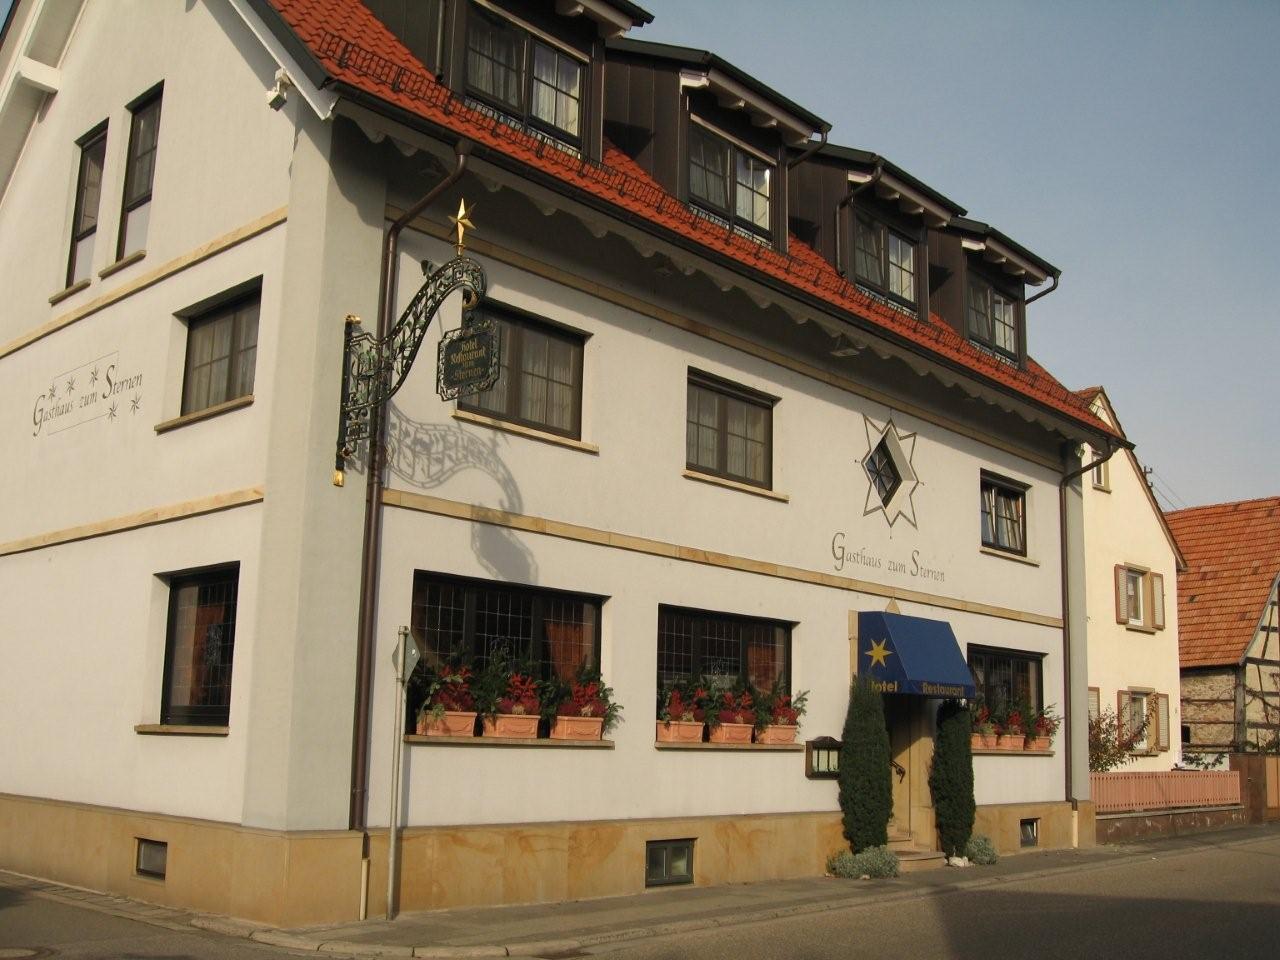 Hotel-Restaurant Gasthaus zum Sternen